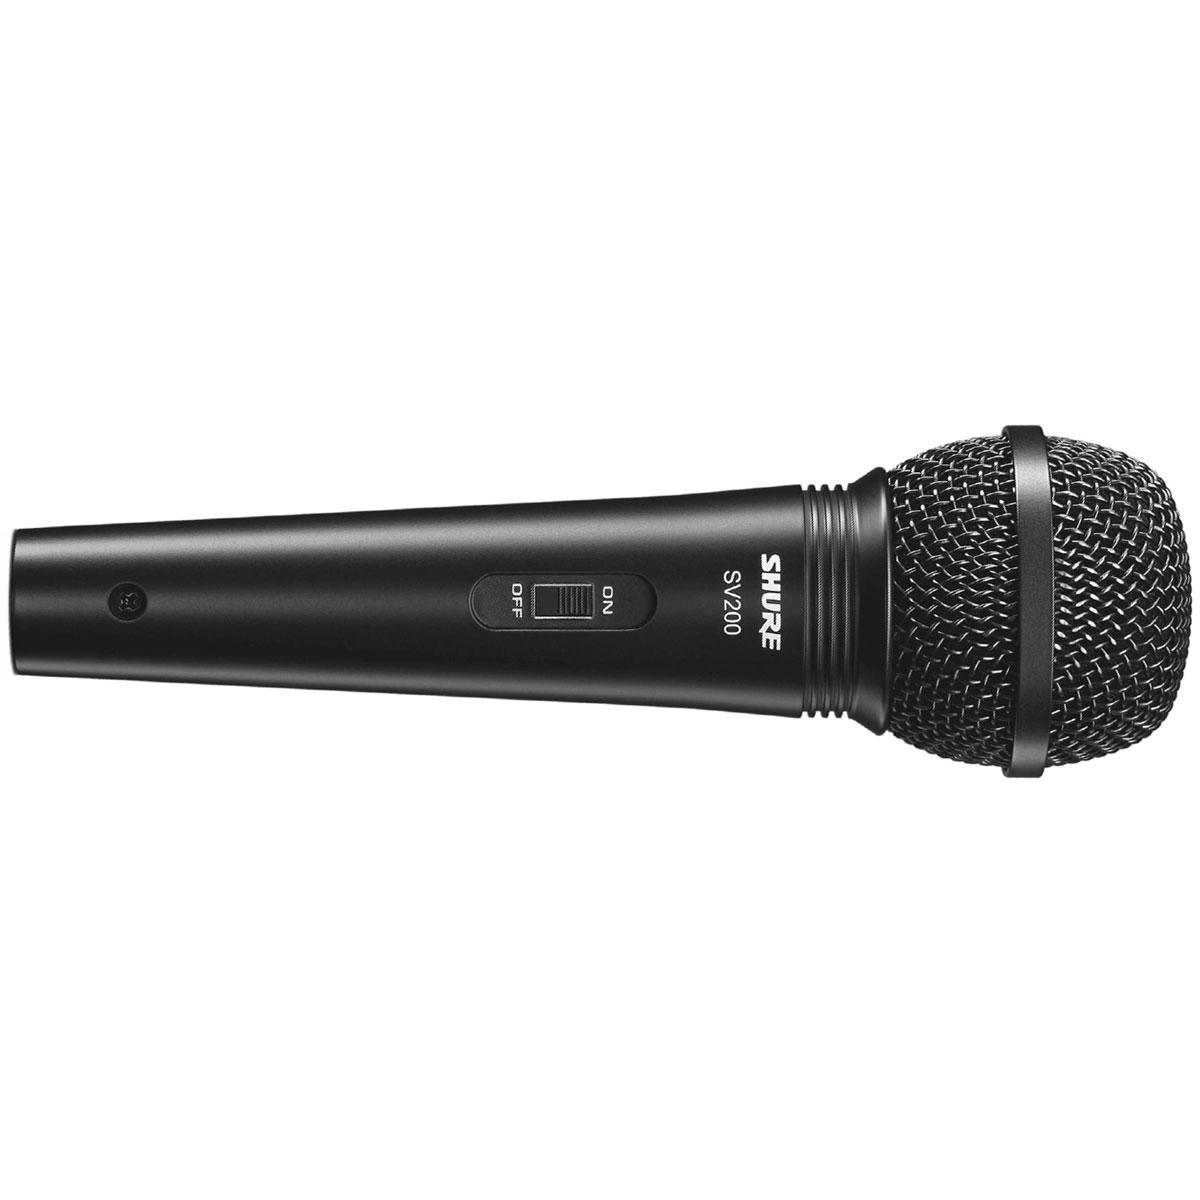 SV200 - Microfone c/ Fio de Mão SV 200 - Shure